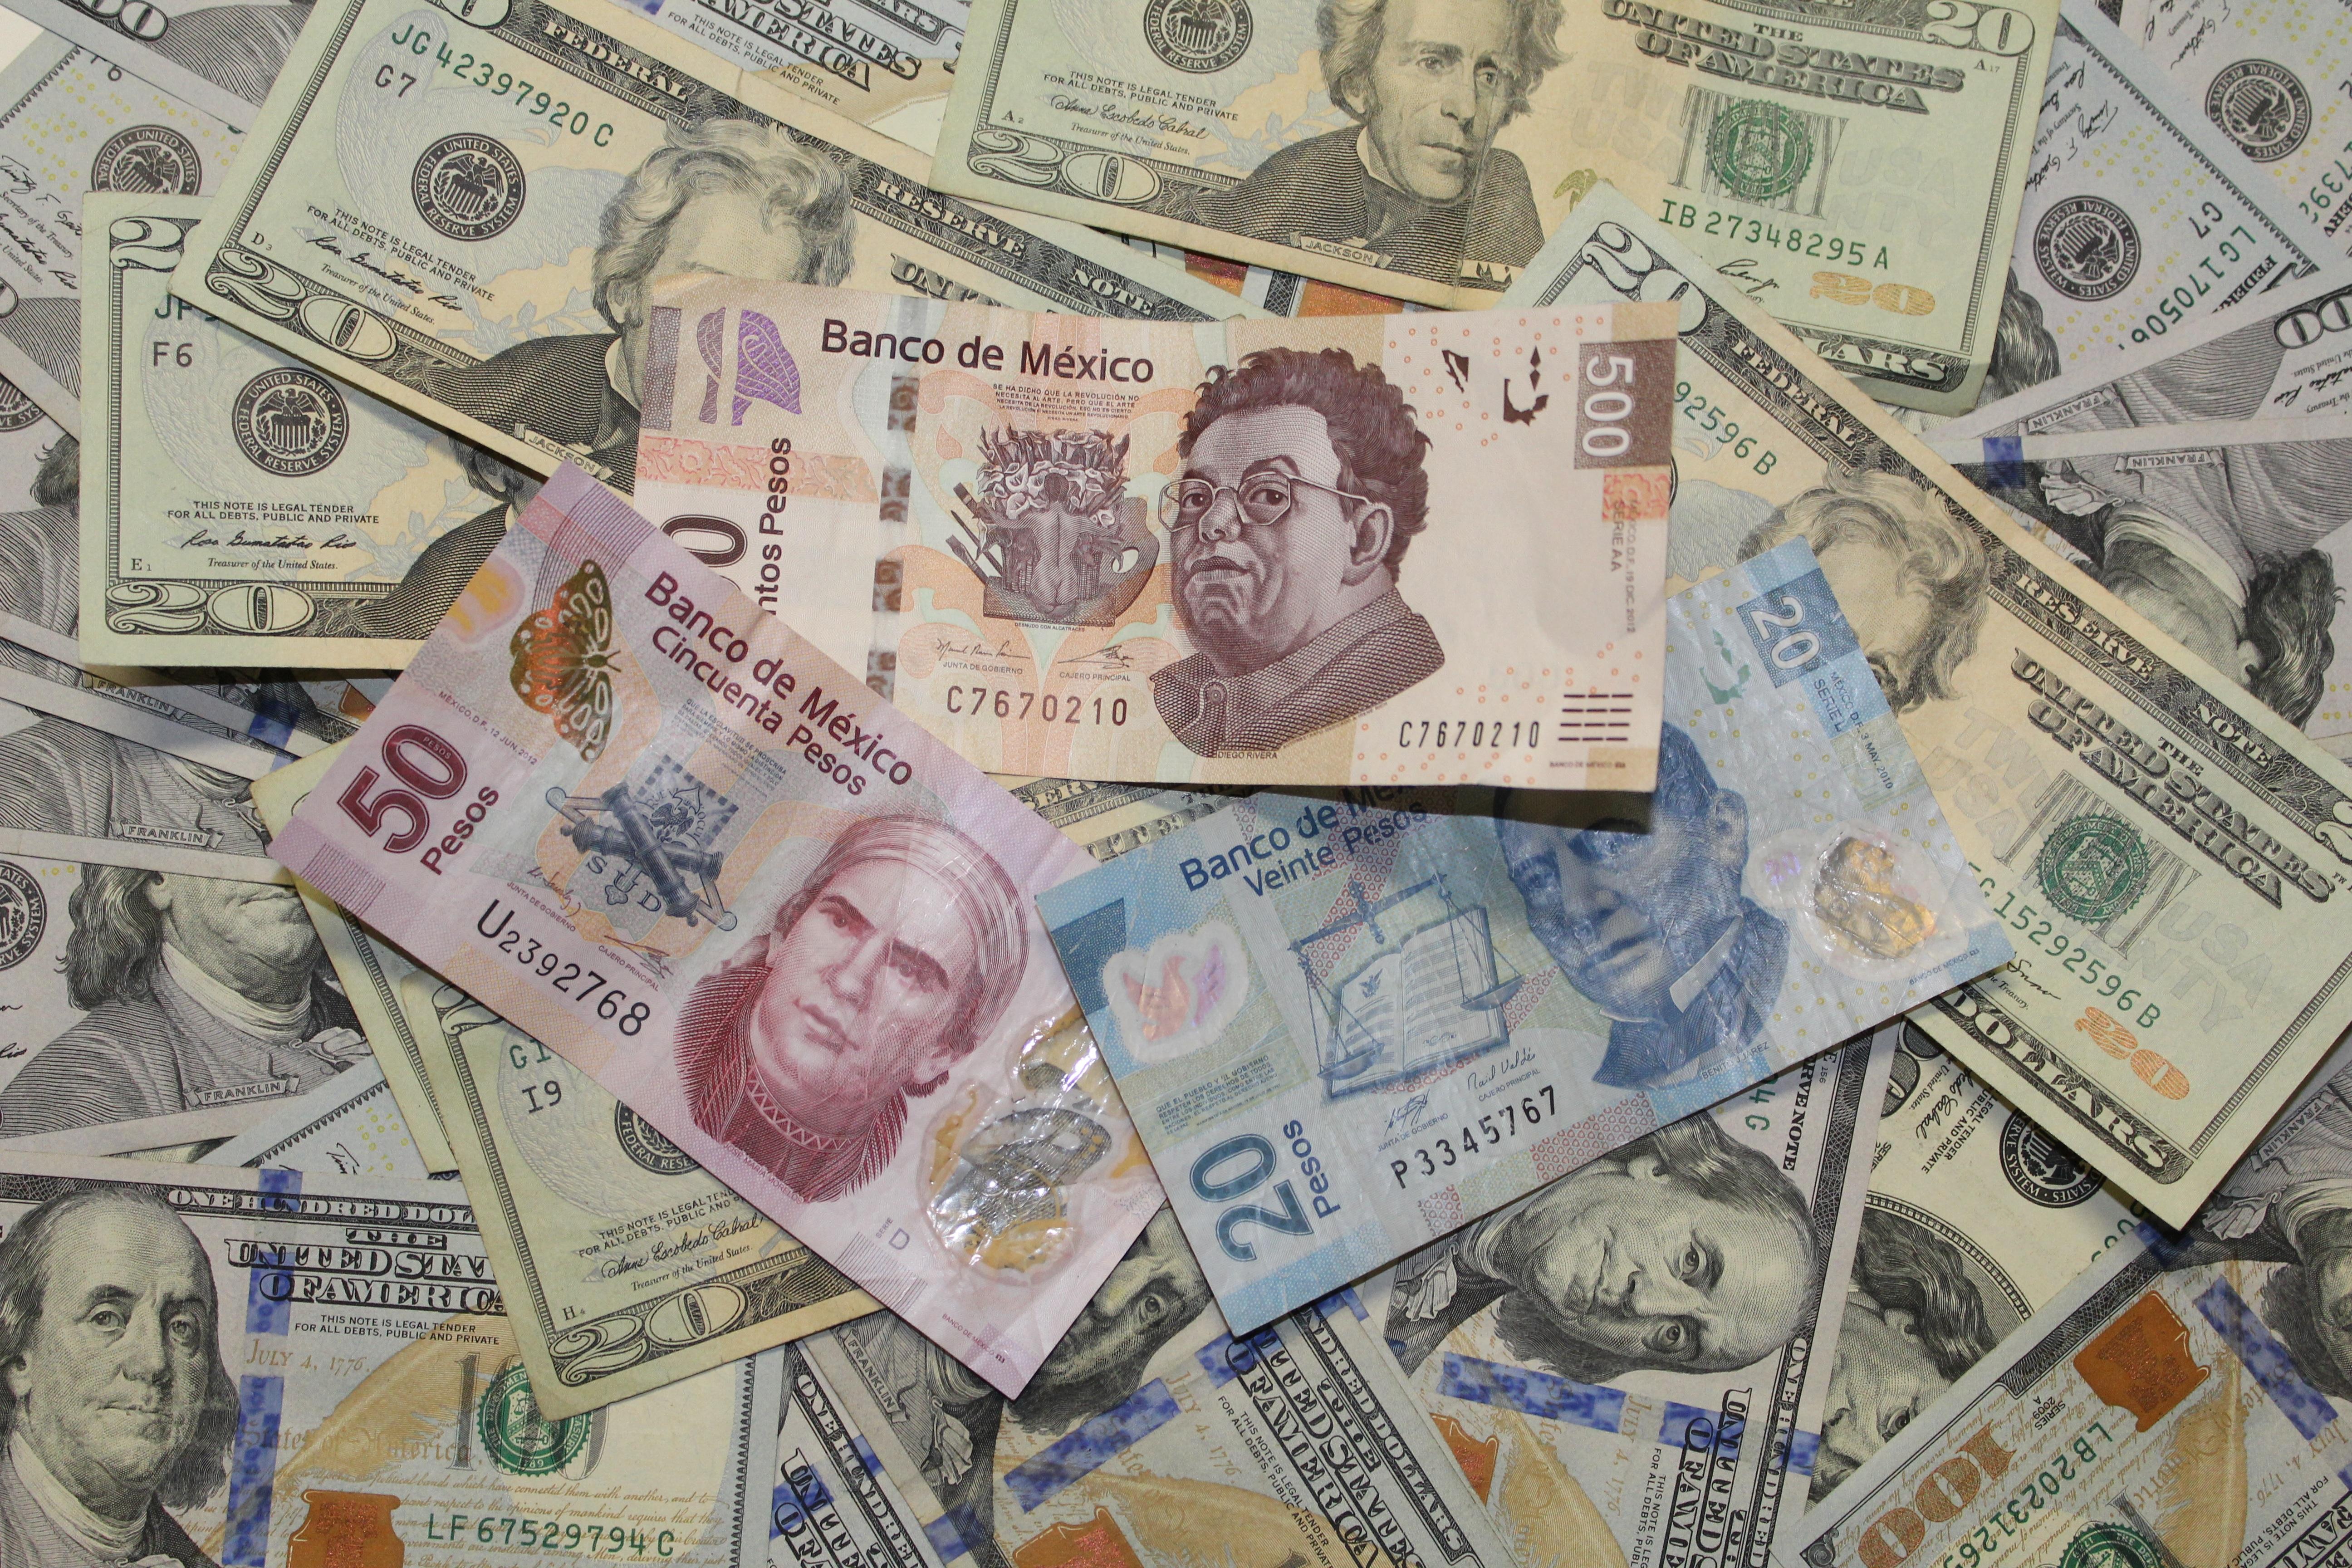 Dinero Papel Efectivo Moneda Dólar 50 100 20 500 Mexicano Intercambiar Billete De Banco Peso